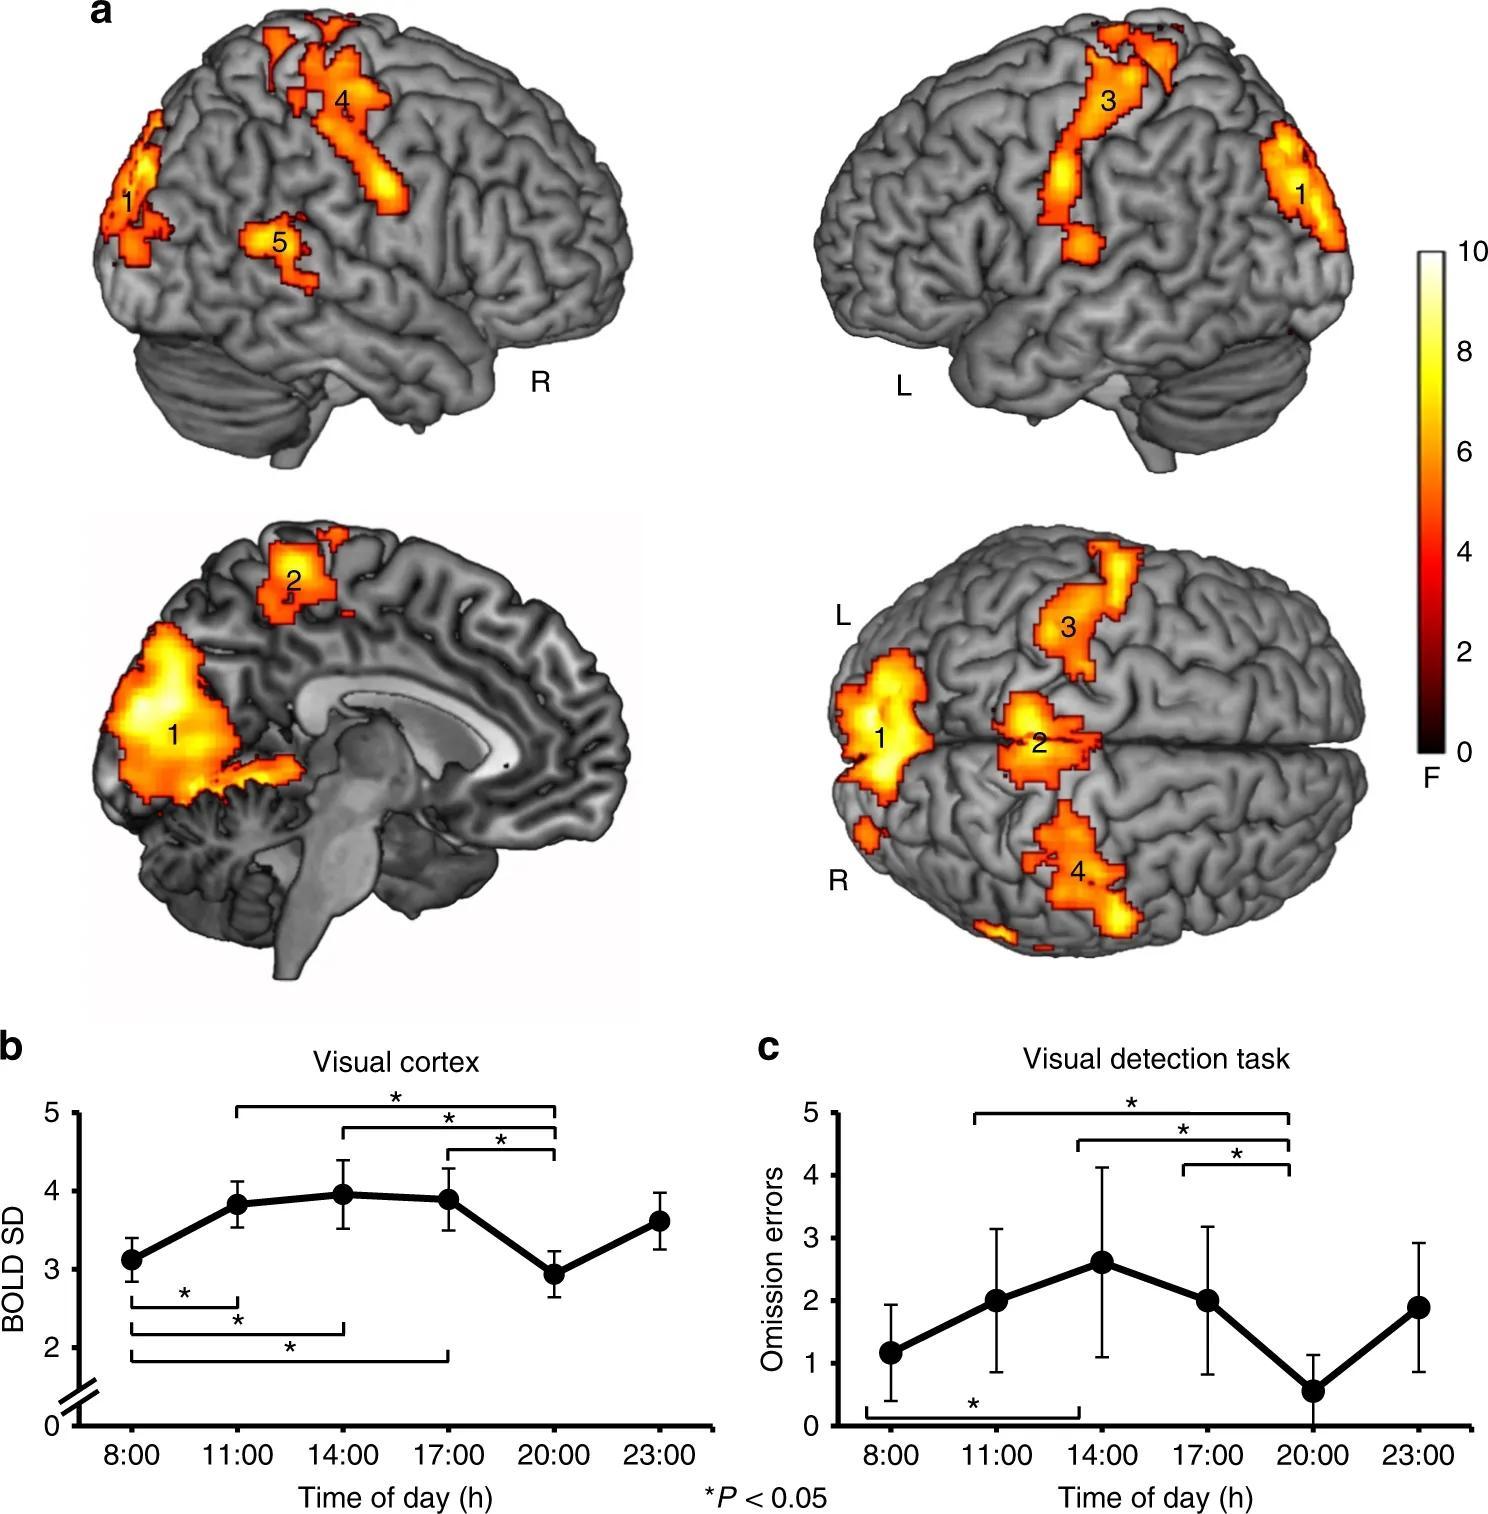 Утром и вечером мозг лучше реагирует на слабые визуальные стимулы